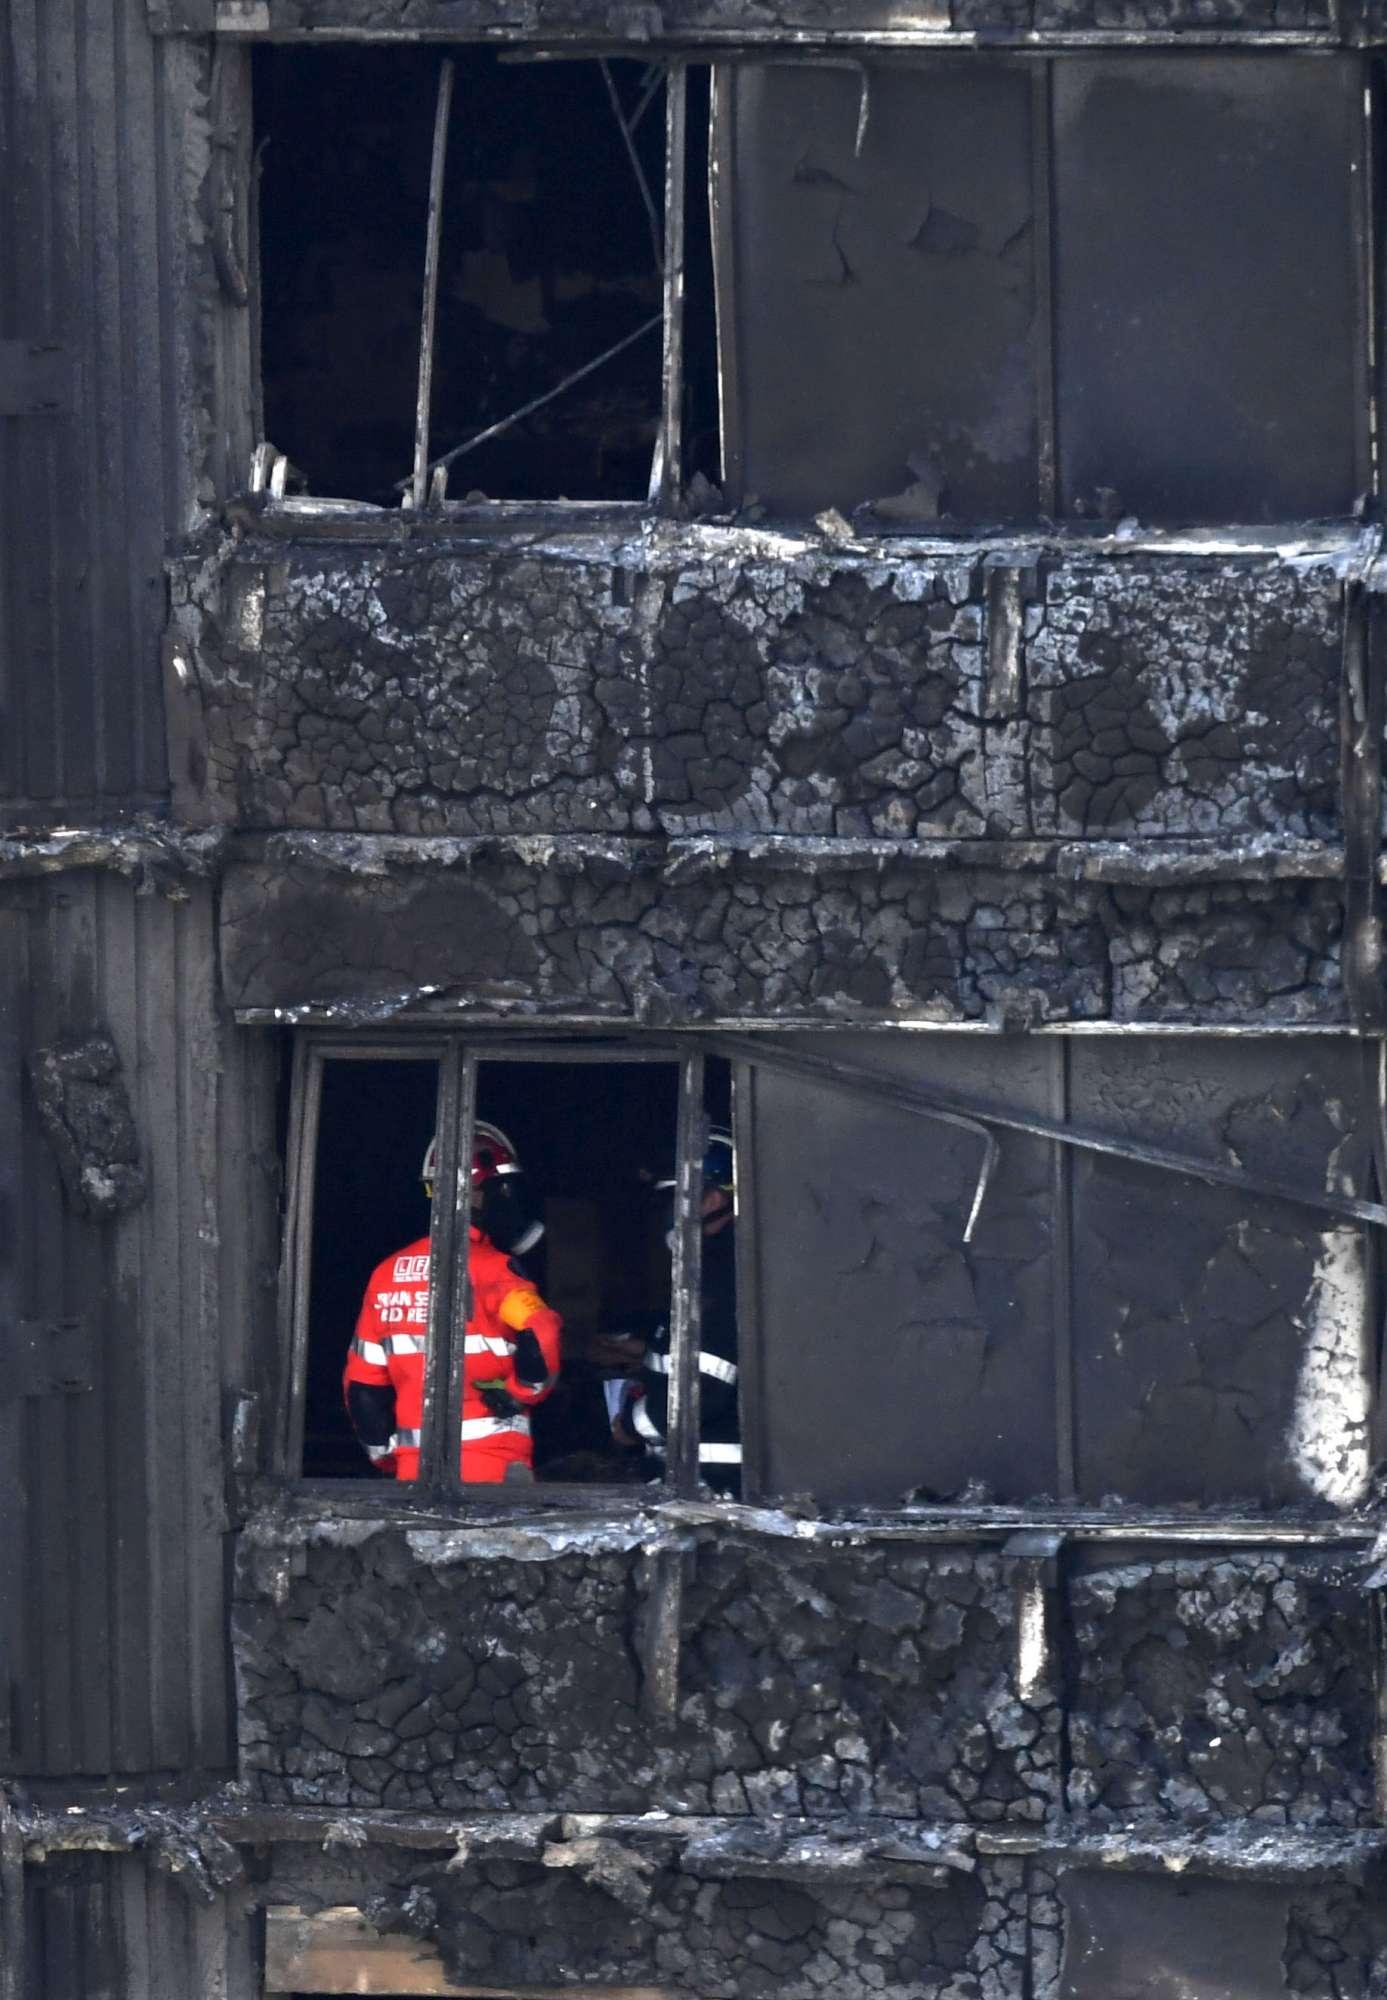 Incendio a Londra: i soccorritori entrano nella Grenfell Tower